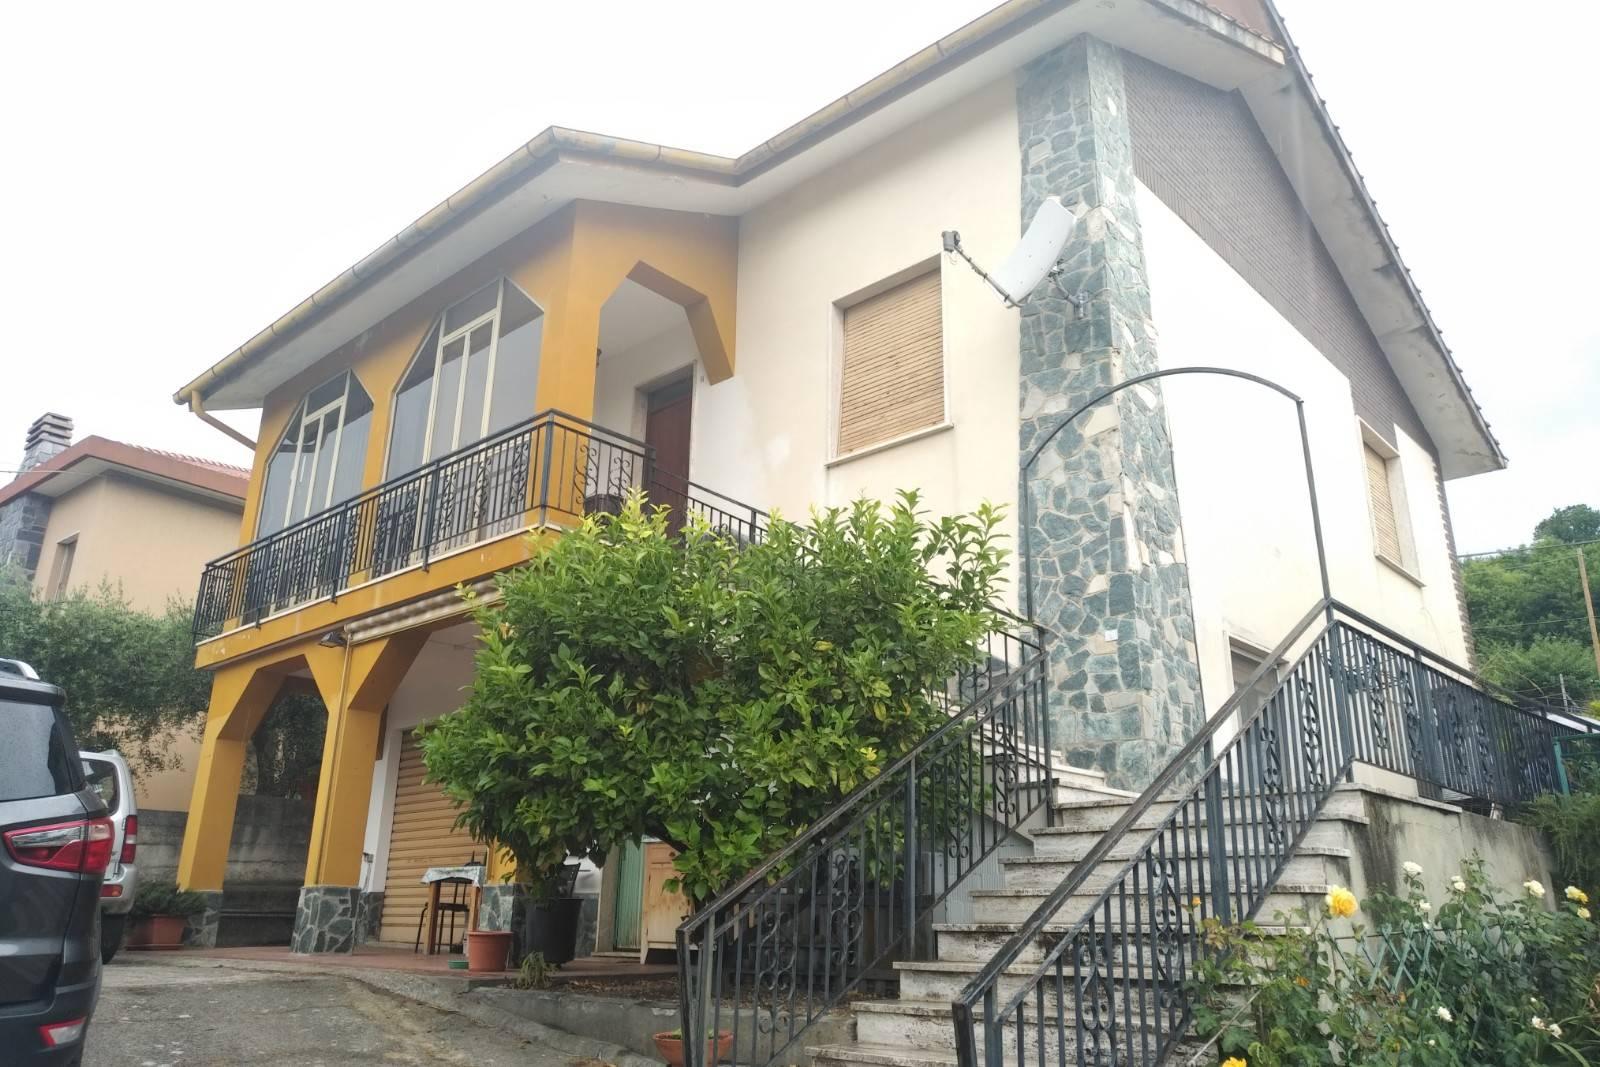 Villa in affitto a Giustenice, 4 locali, zona Località: SanLorenzo, prezzo € 700 | PortaleAgenzieImmobiliari.it